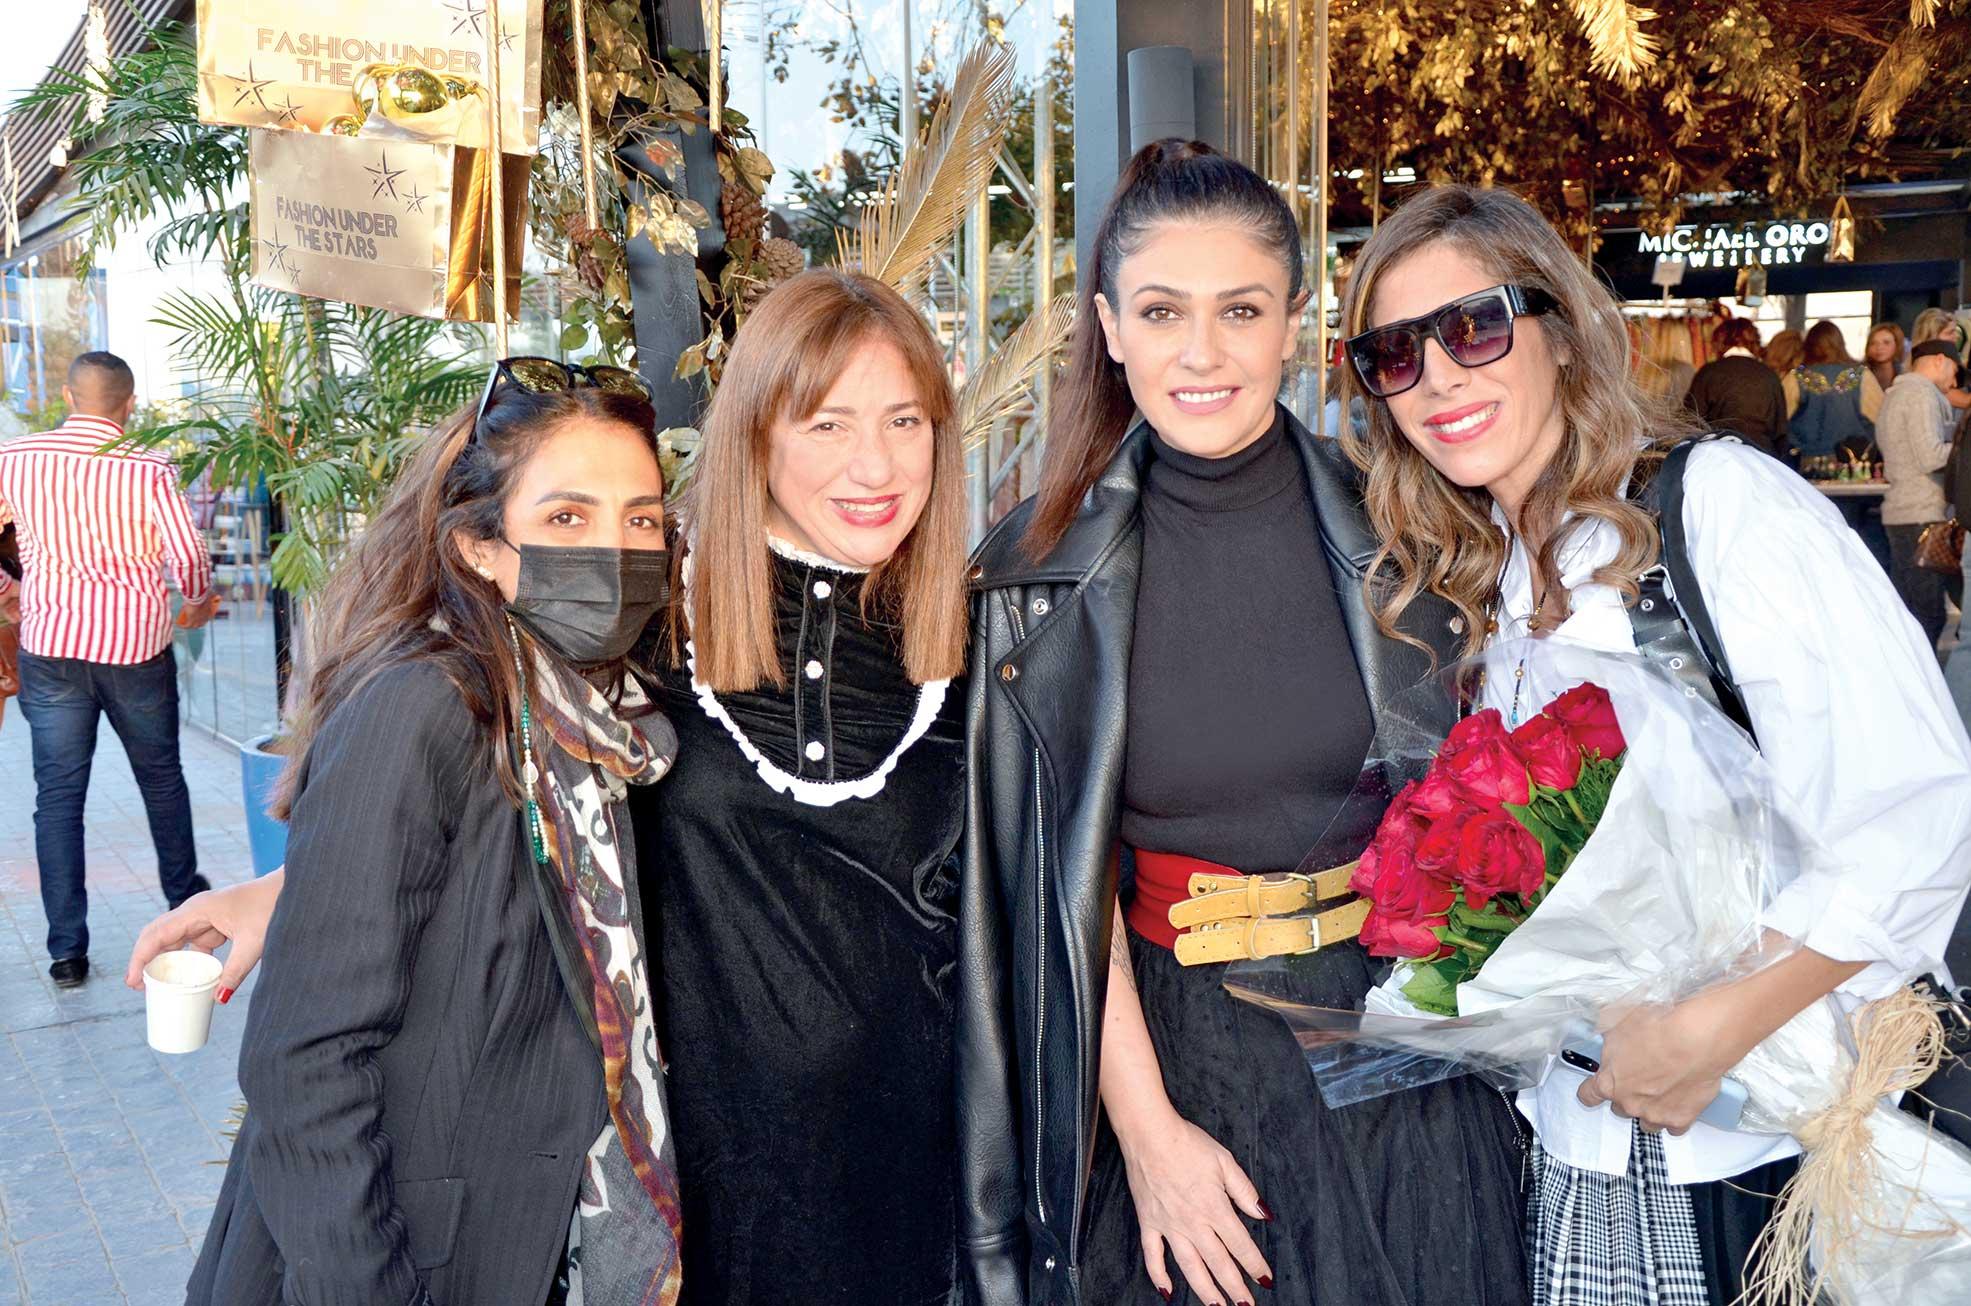 Ms.-Rania-Fahmy,-Ms.-Sahar-Azzab,-Bassma-&-Ms.-Maissa-Azzab